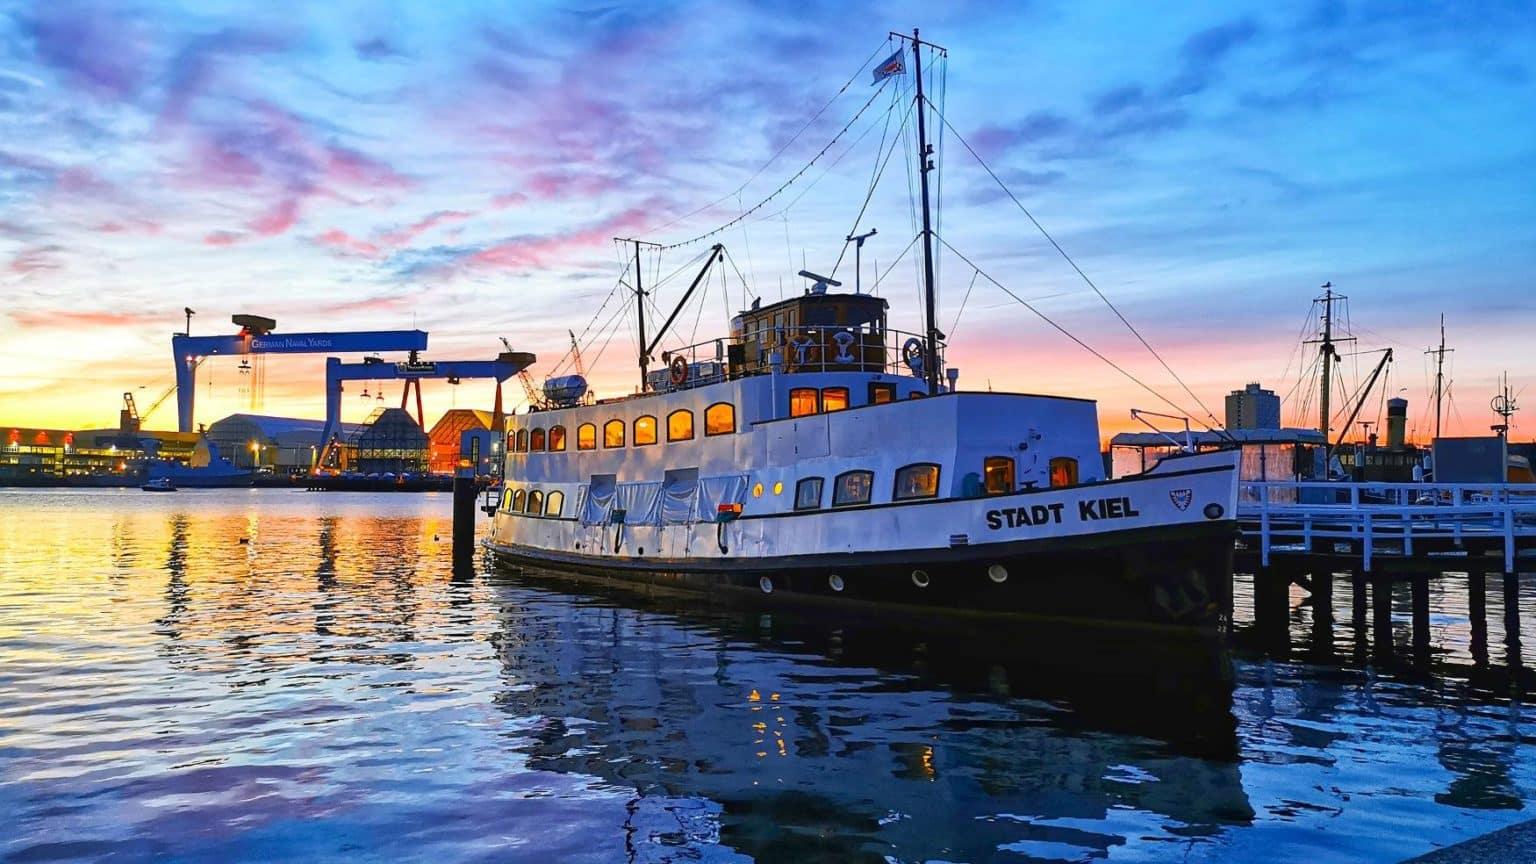 kiel veranstaltungen termine tipps Alles was du in Kiel machen kannst - Veranstaltungen, Ausflüge, Restaurants